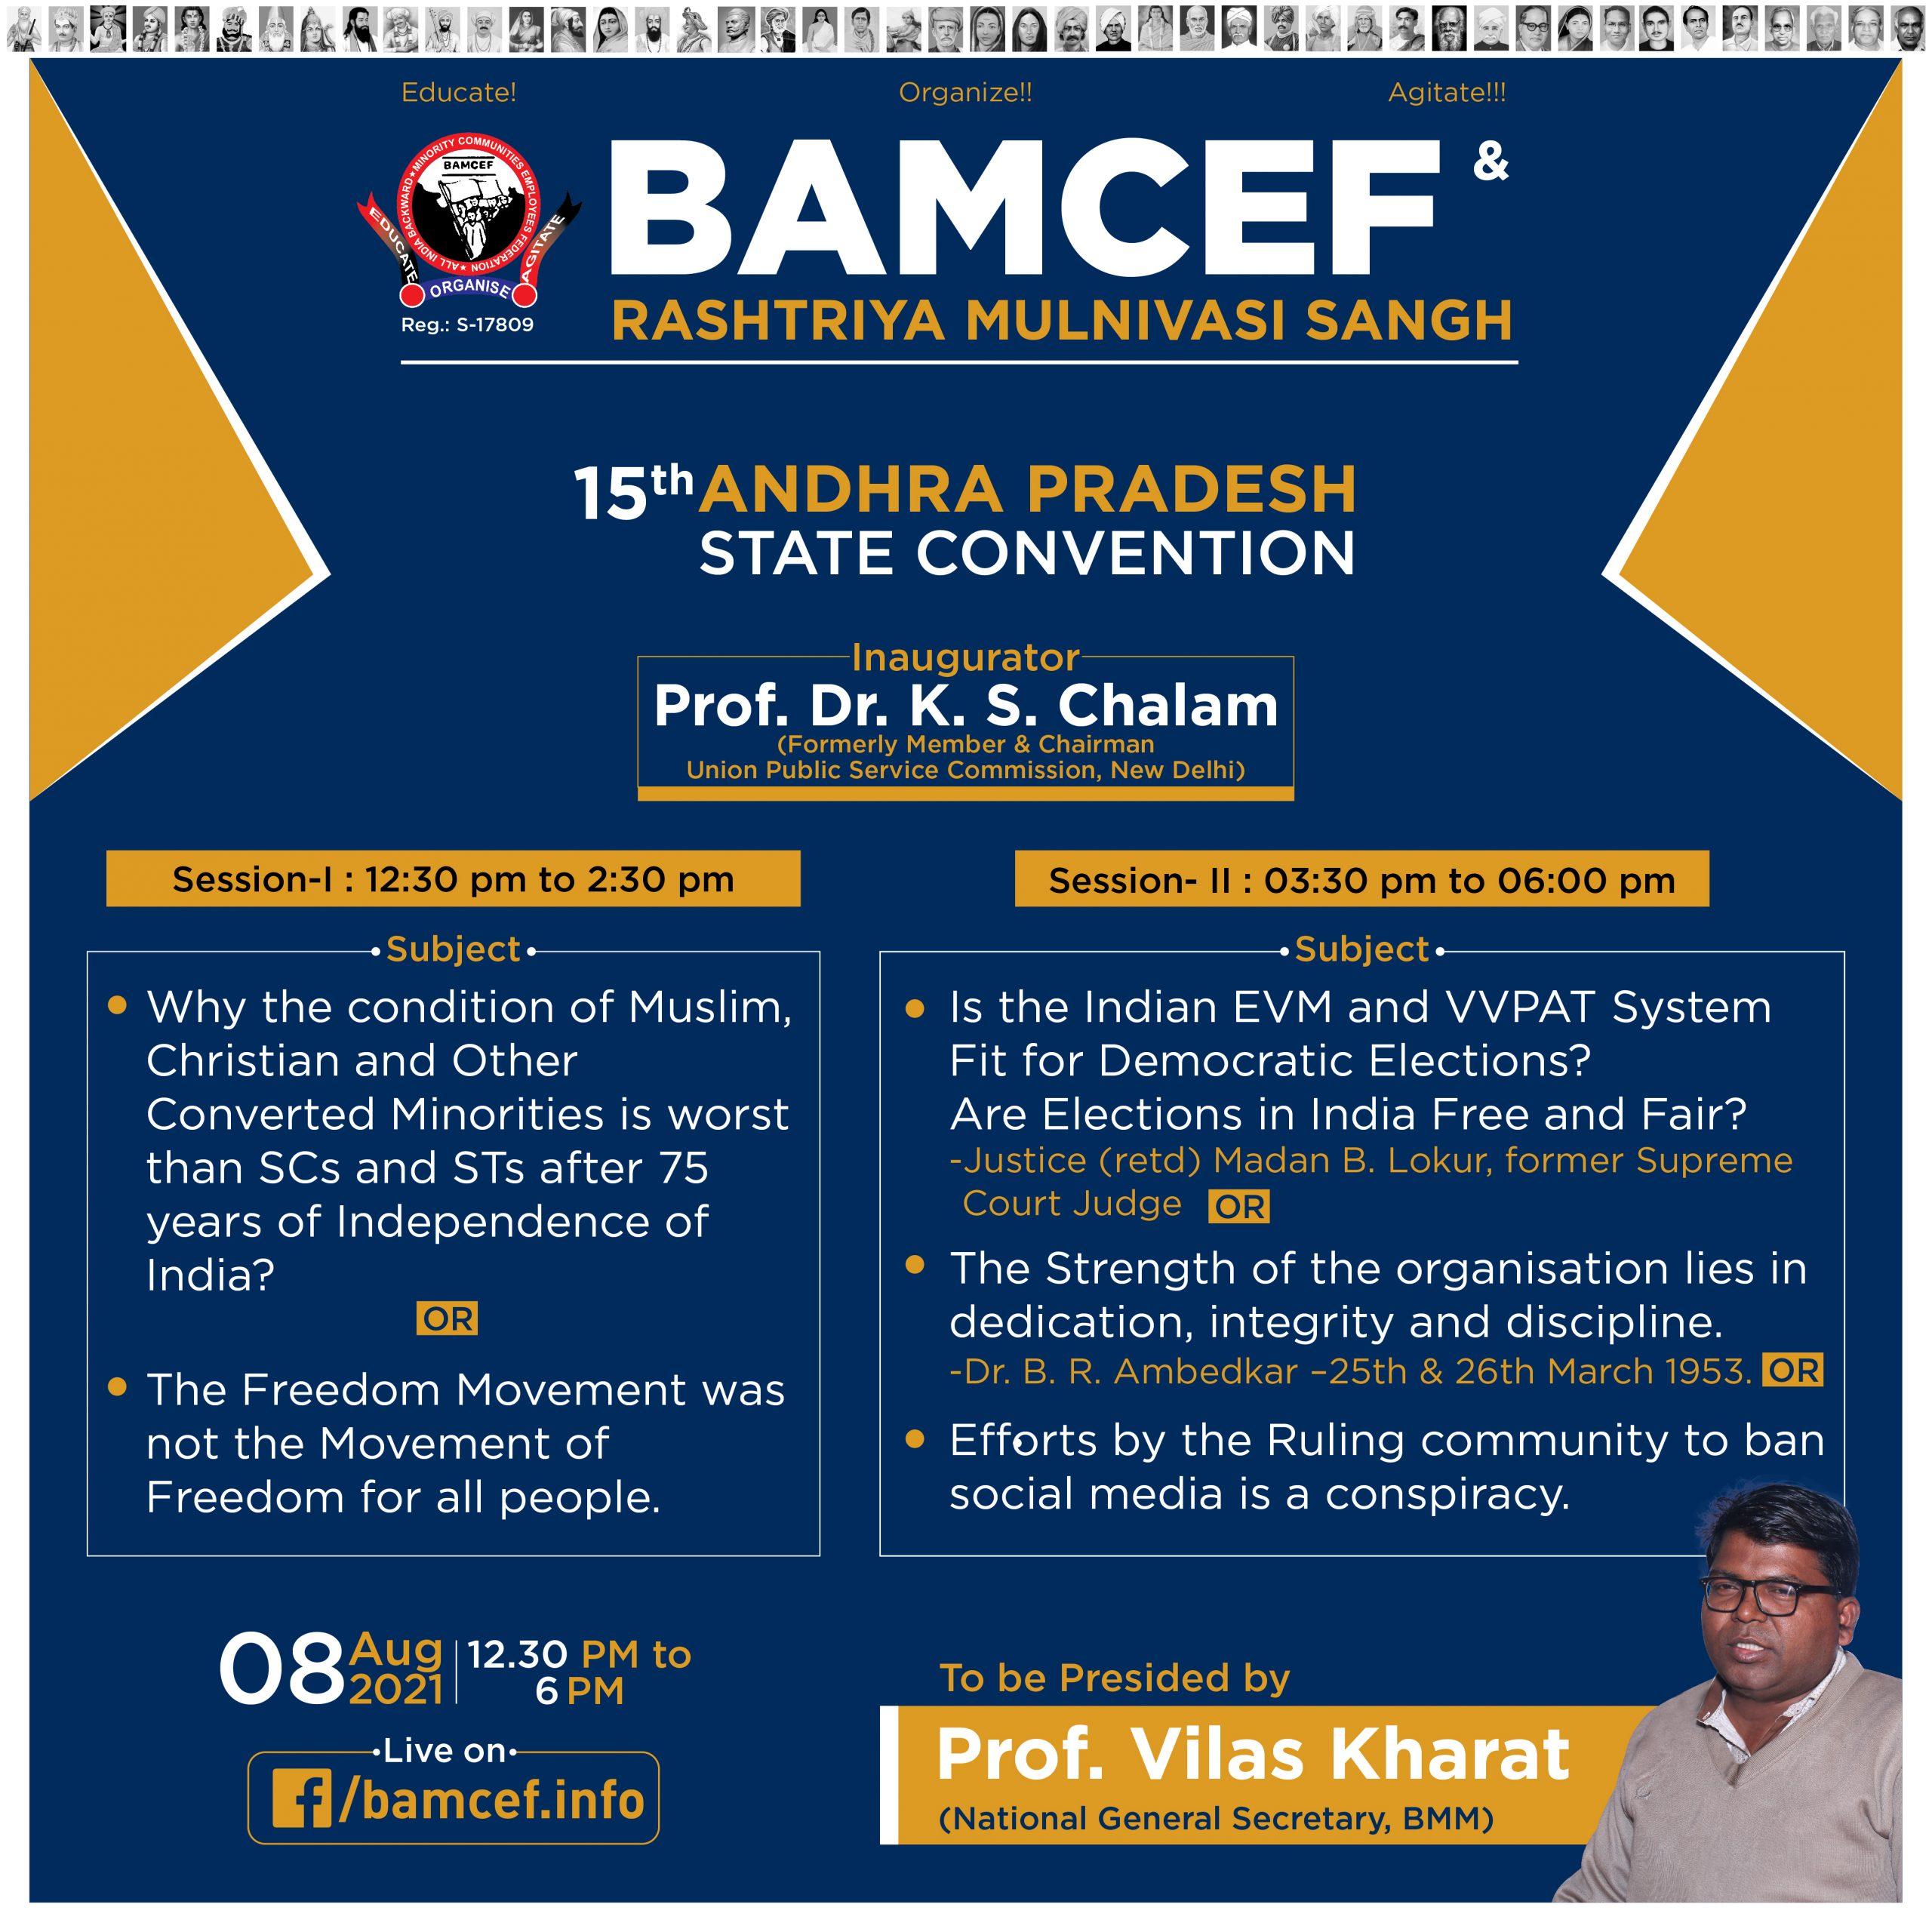 BAMCEF & Rashtriya Mulnivasi Sangh 15th State Convention of Andhra Pradesh.